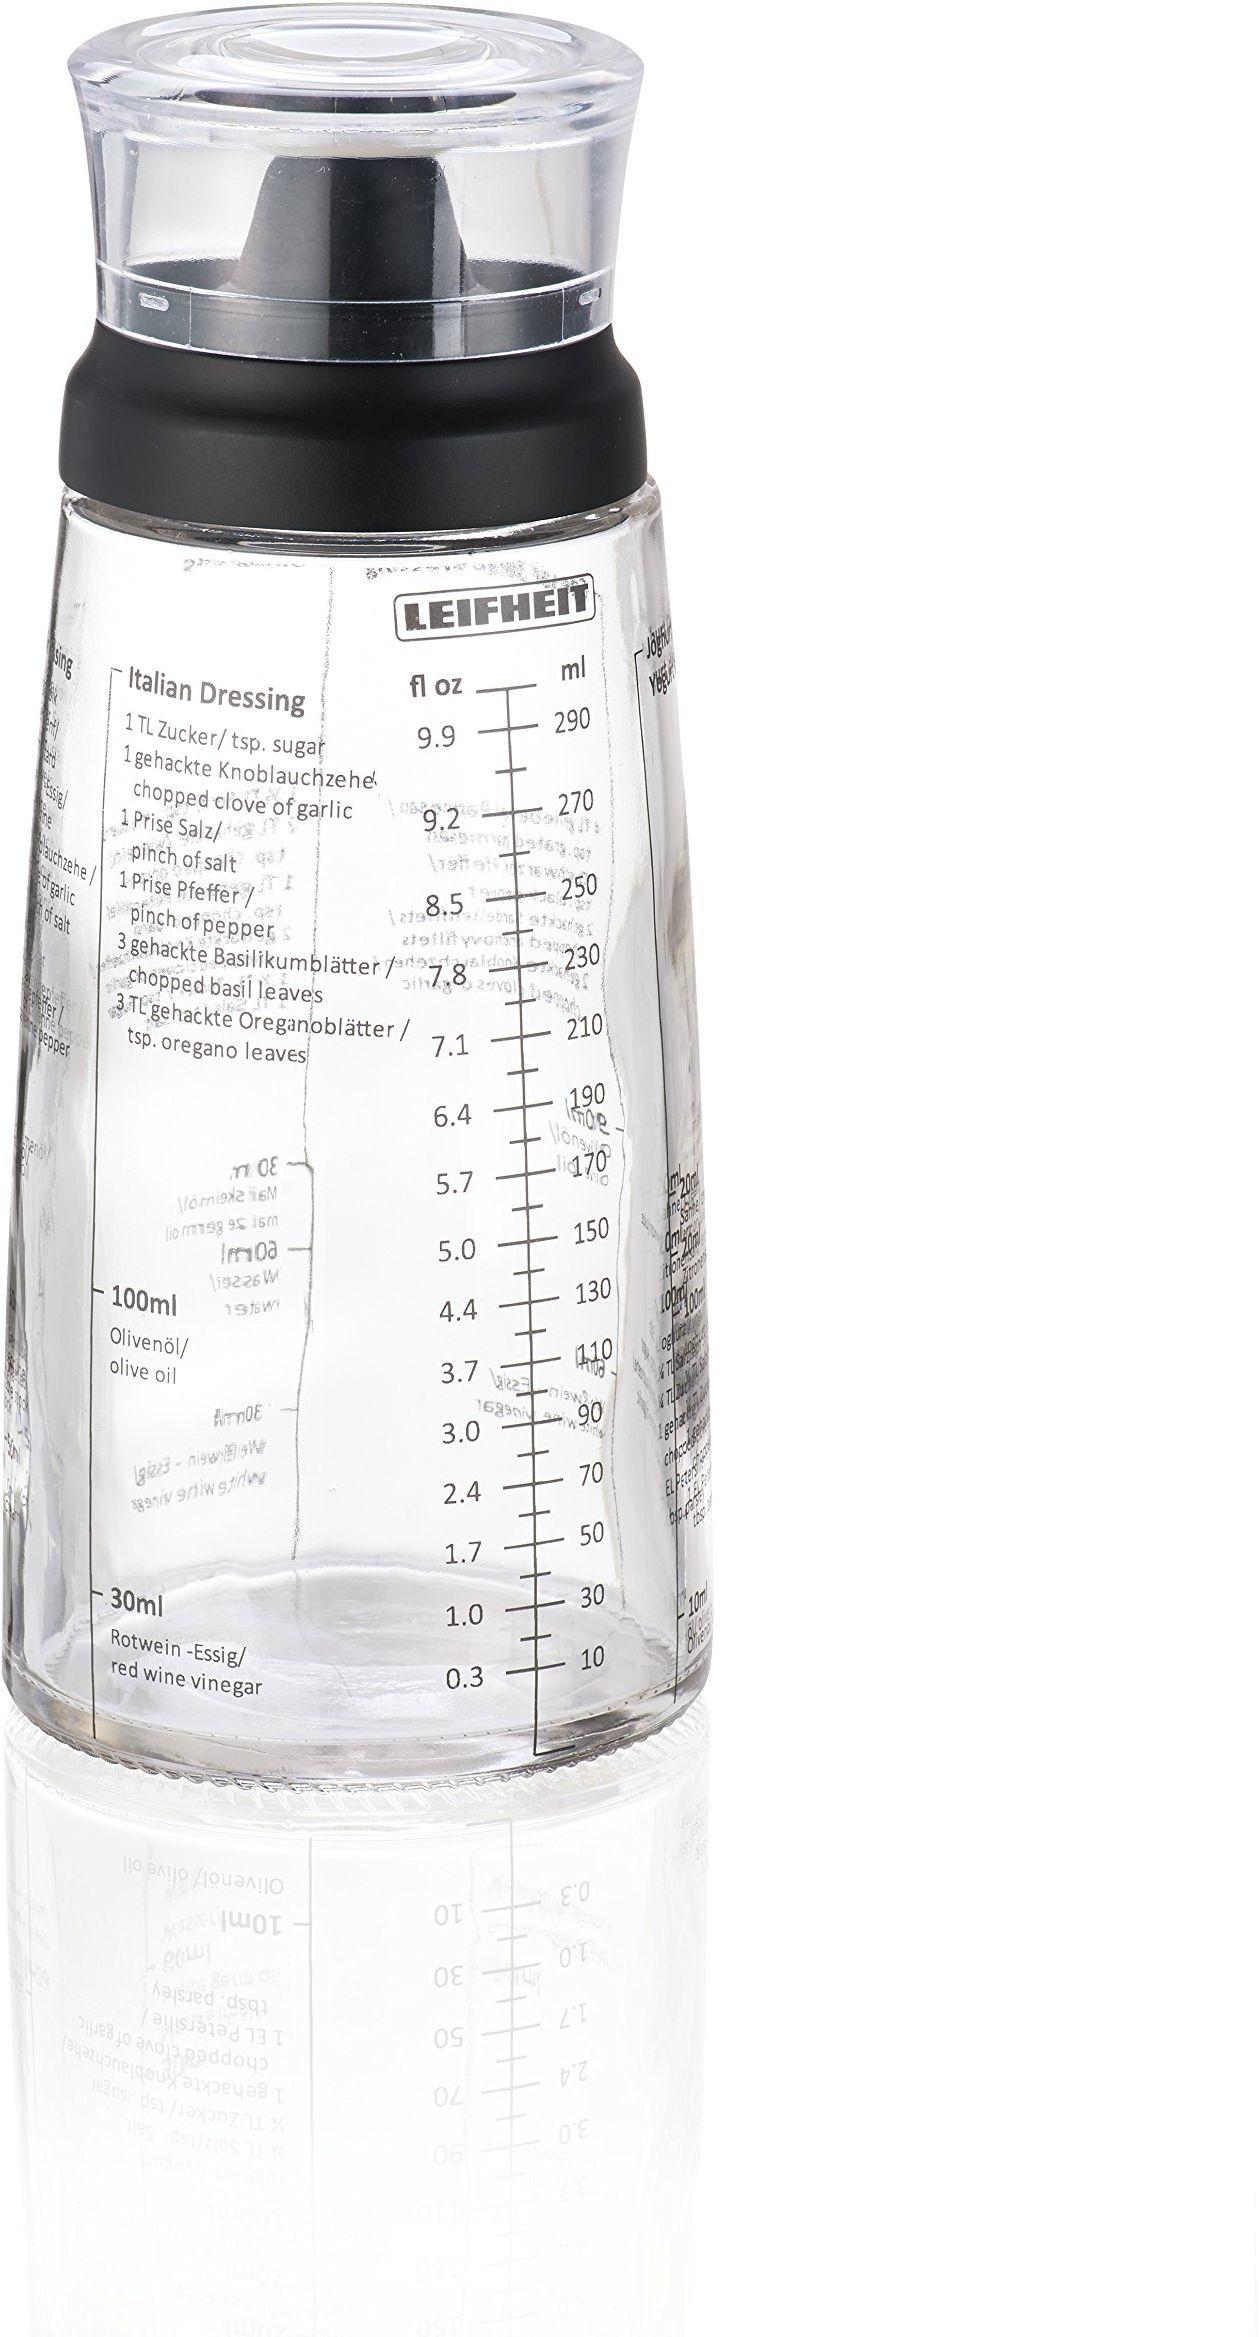 Leifheit Dressing Zestaw Shaker, Szklana Butelka, Miarka z Dzióbkiem Bez Kapania, Czarny, 300 ml